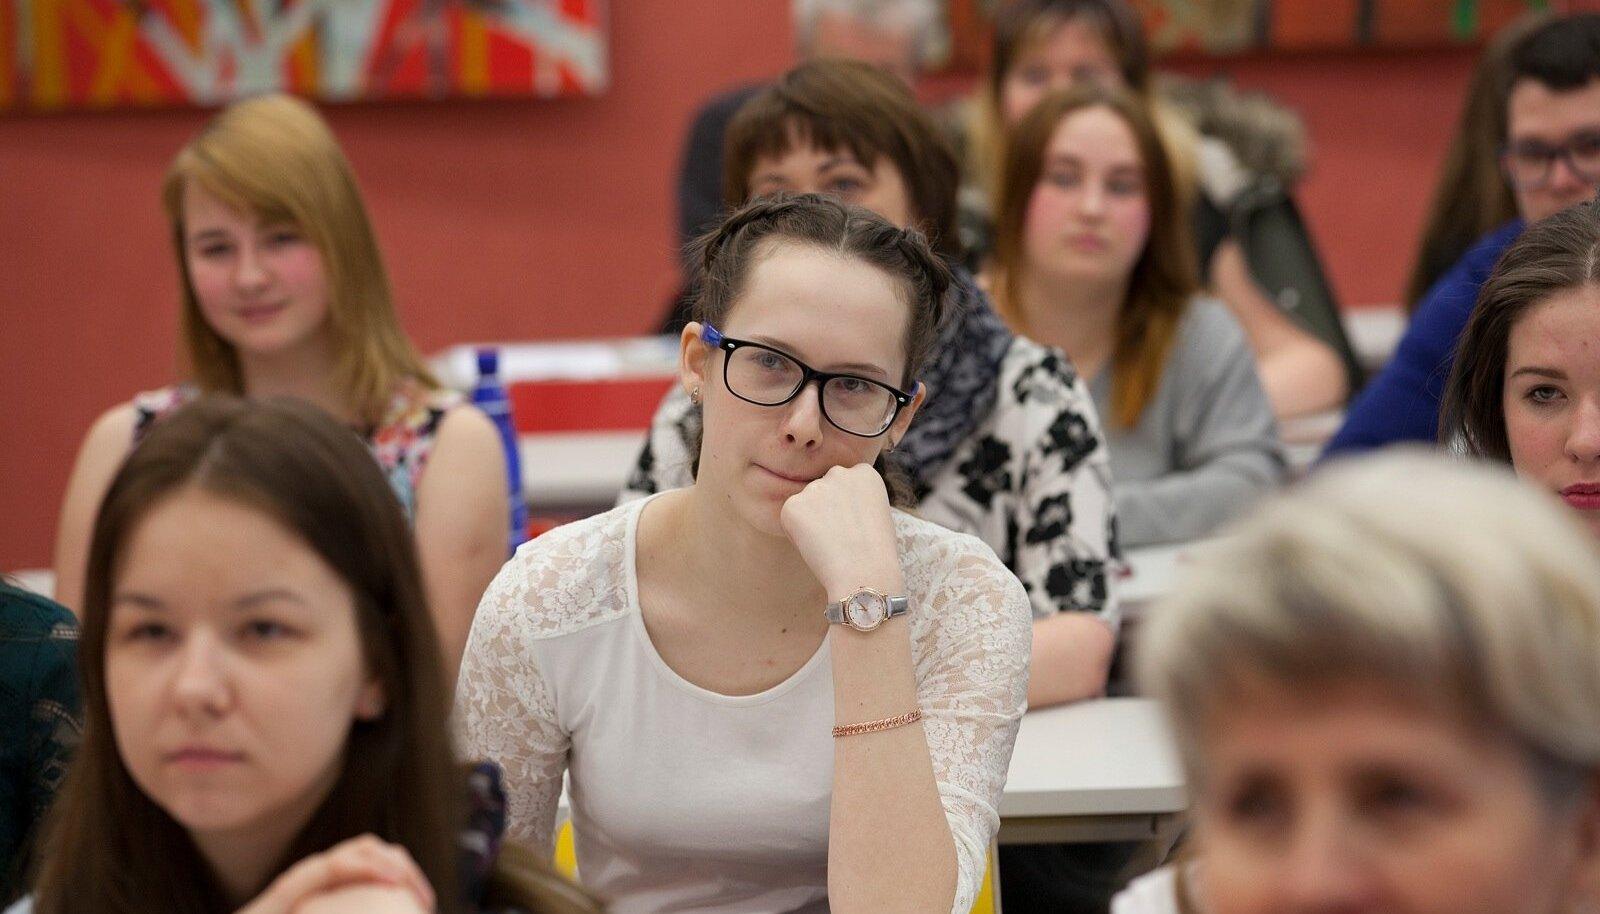 Emakeelepäevane Tammsaare võistulugemine Narva kolledžis, ühekorraga tuleb teisi kuulata ja oma veel esitamata teksti meeles pidada. Raske ülesanne.